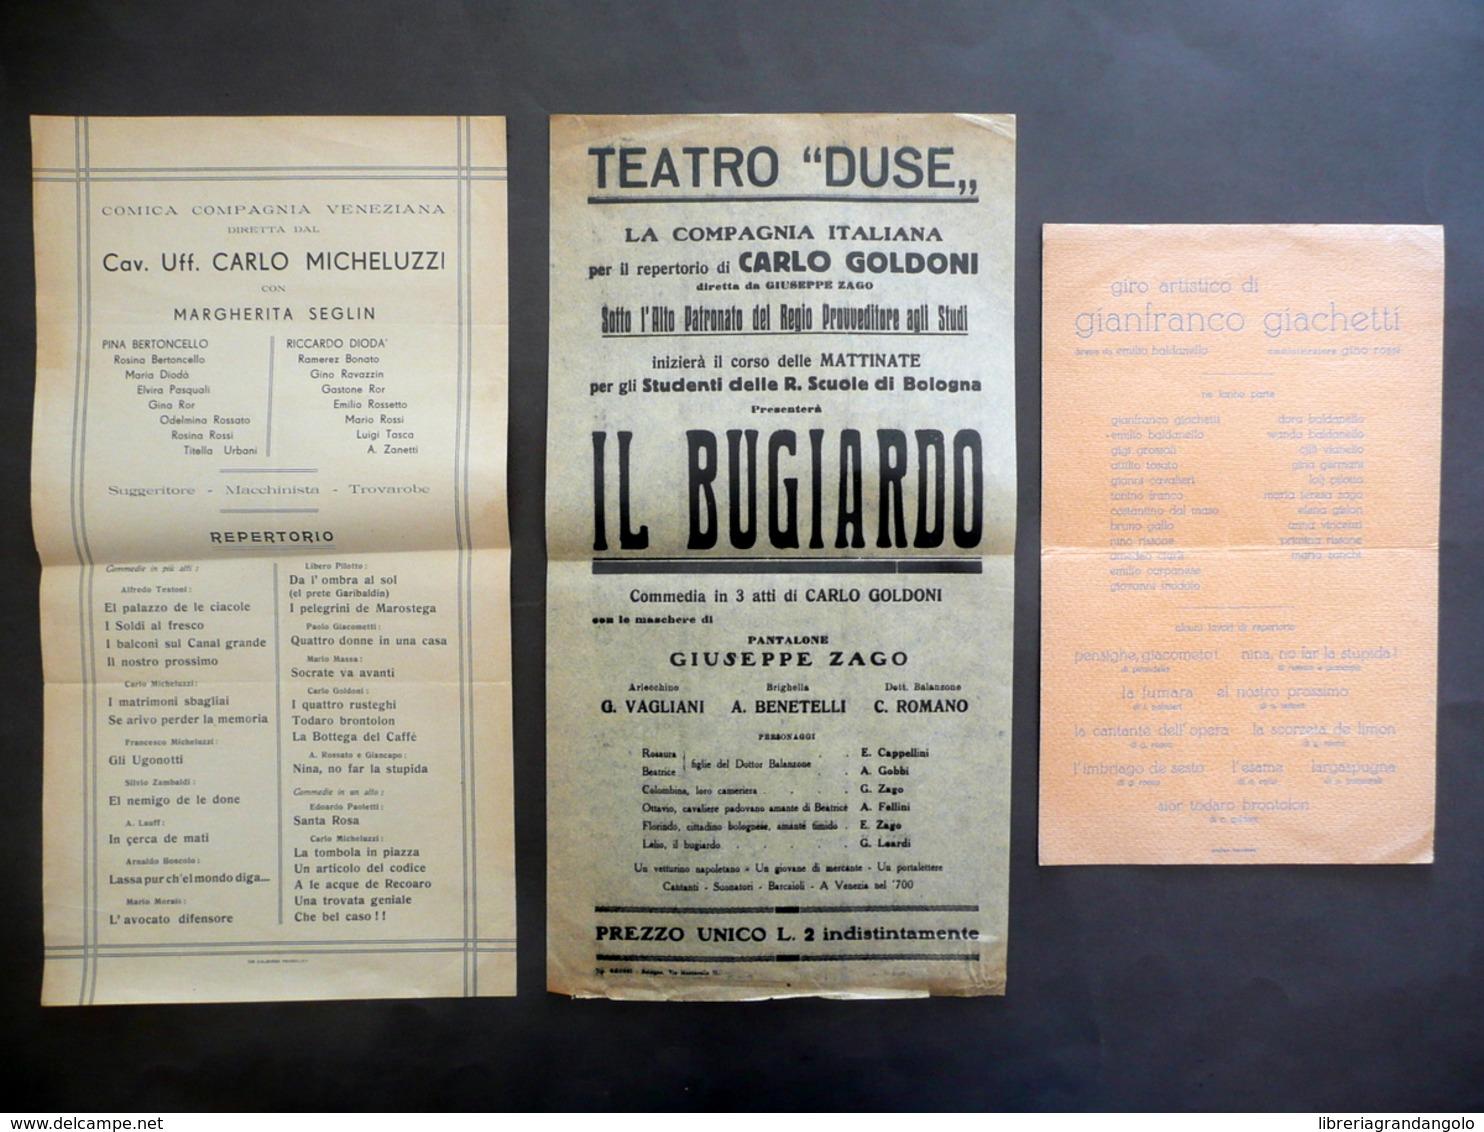 3 Locandine Teatro Duse Comica Compagnia Veneziana Giro Artistico Giachetti '900 - Non Classificati